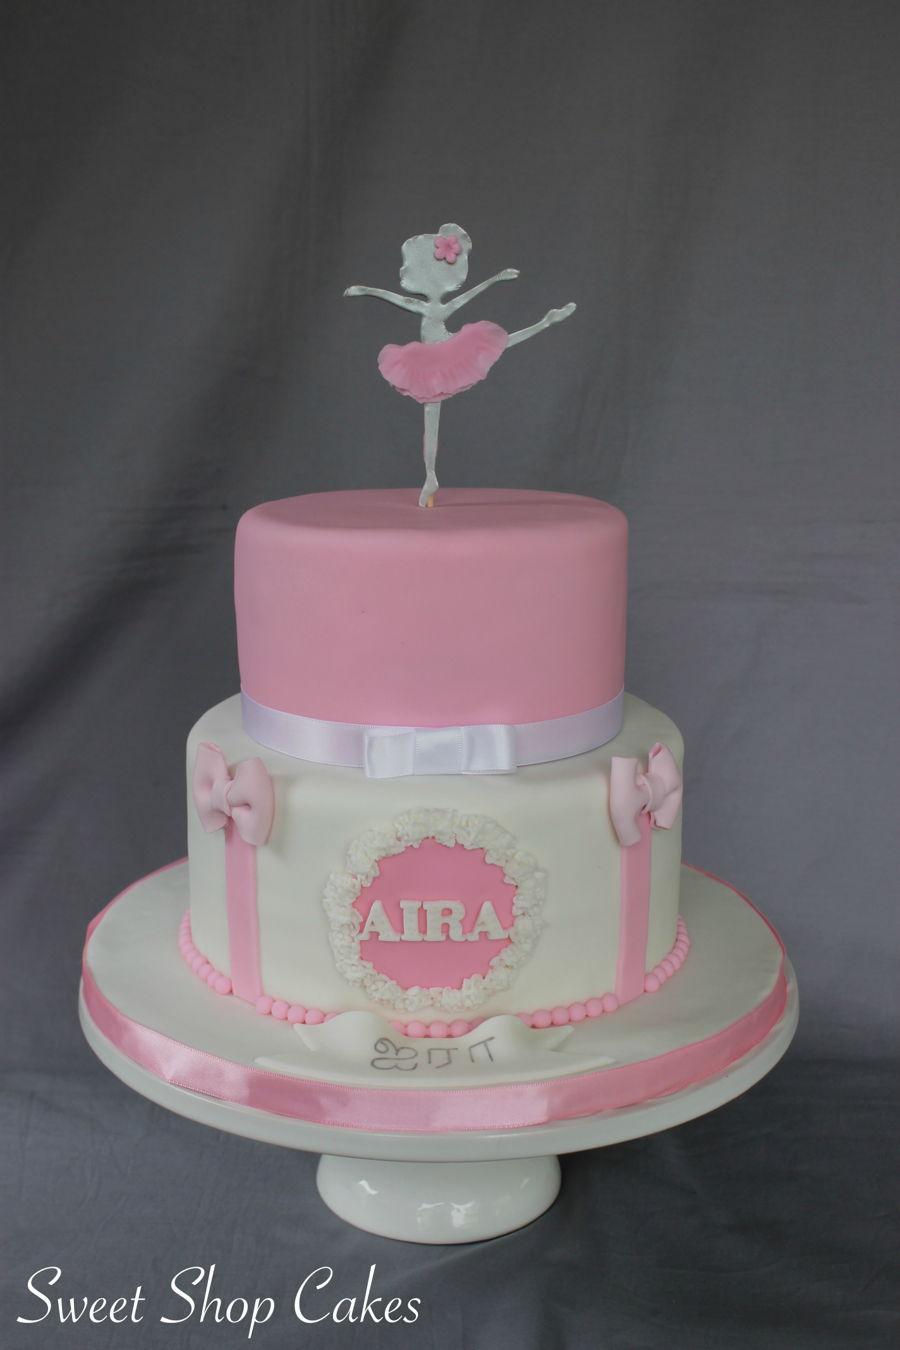 900_ballerina-birthday-cake-937512ulpbH.jpg